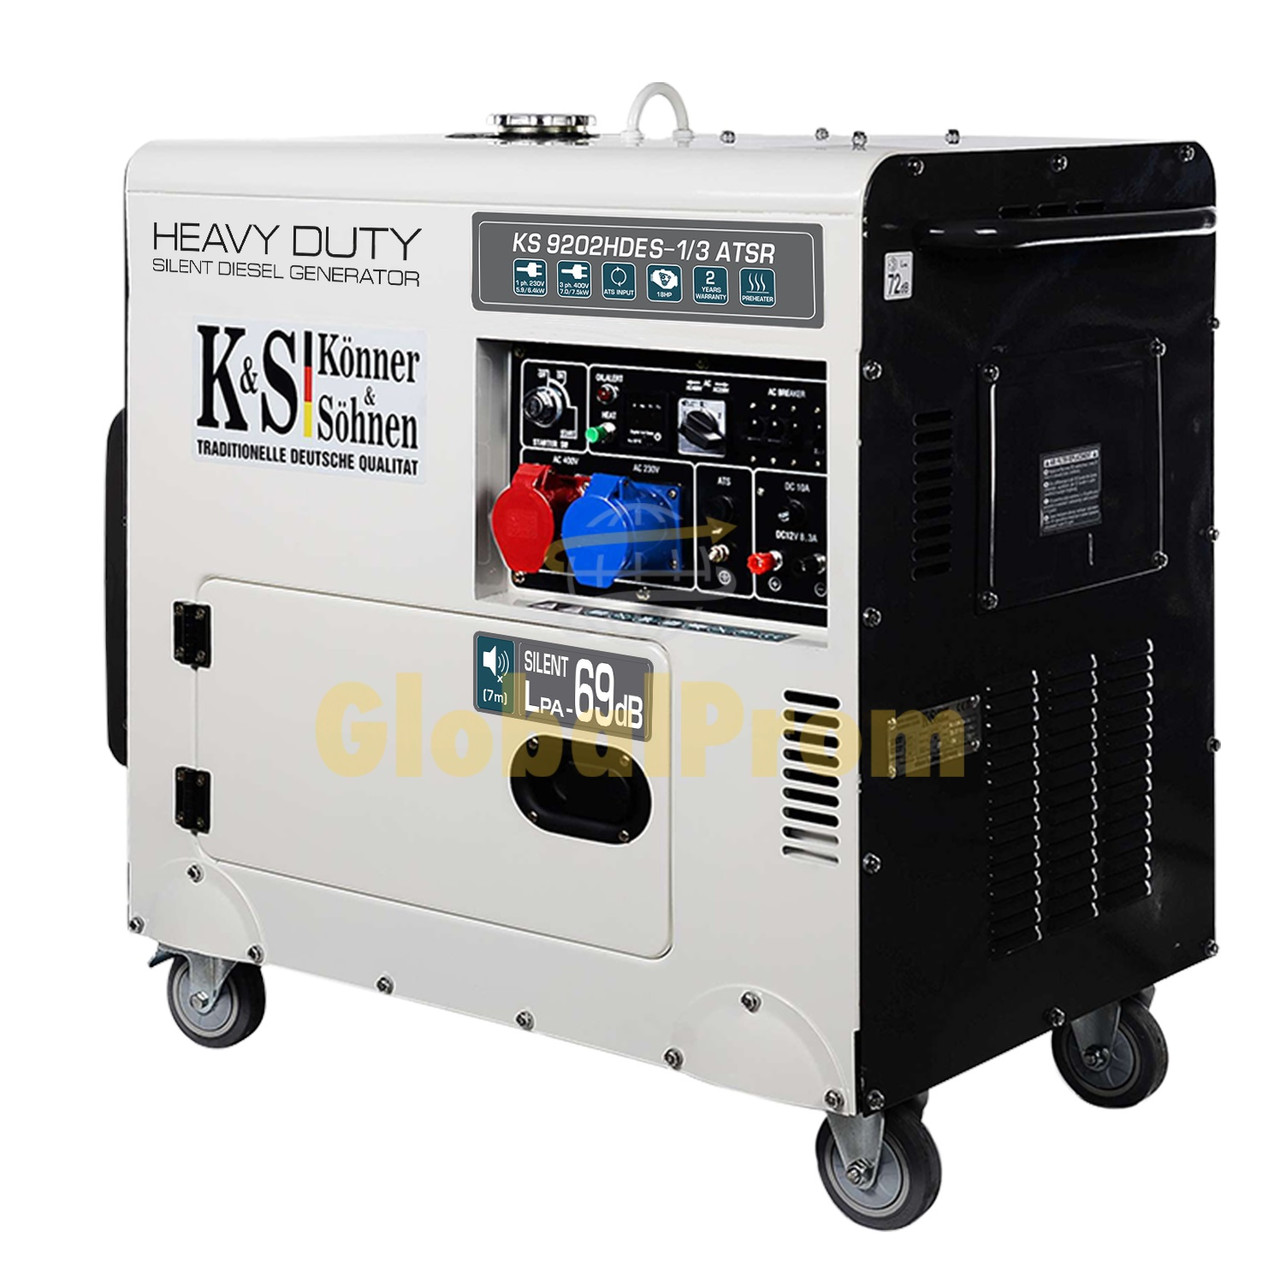 Дизельный генератор Könner & Söhnen KS 9202HDES-1/3 ATSR (двигатель Euro II)